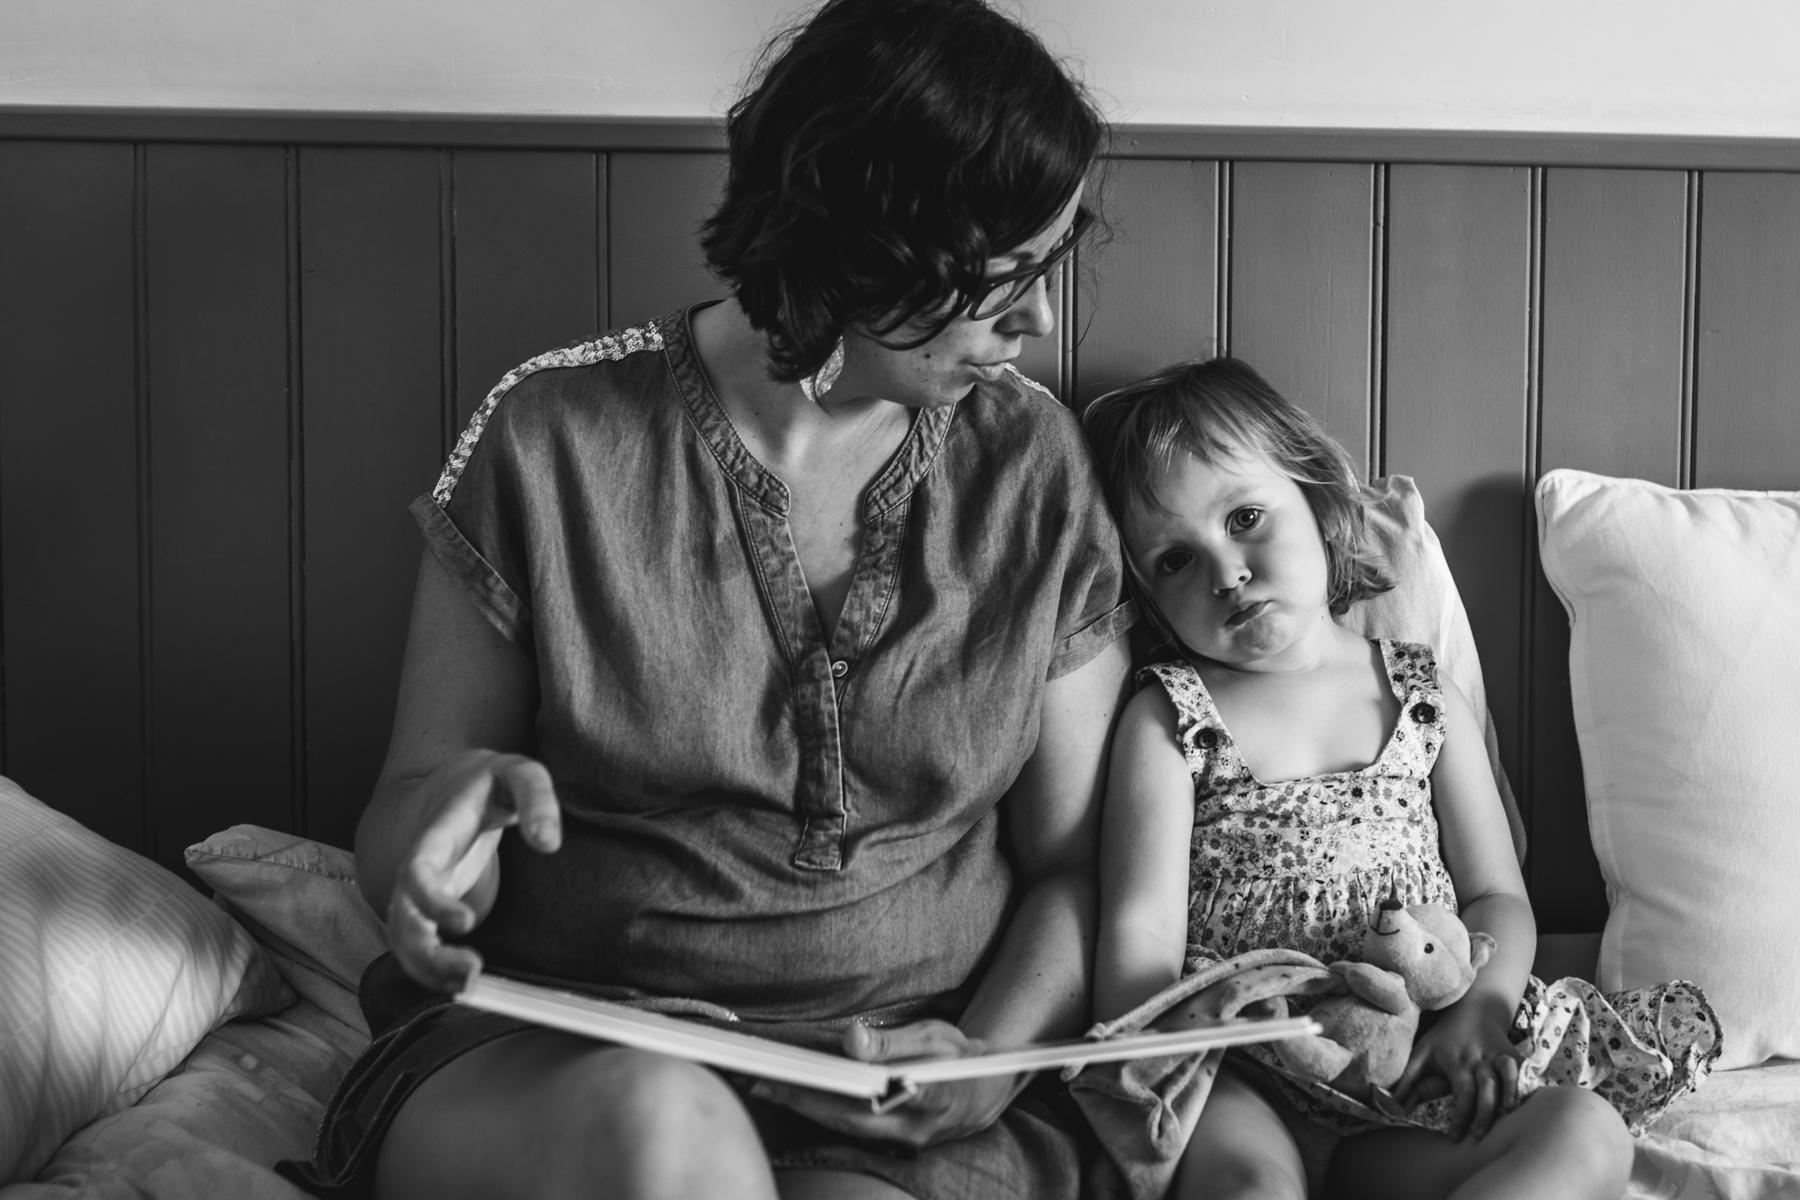 séance-domicile-famille-rennes-fanny-photography